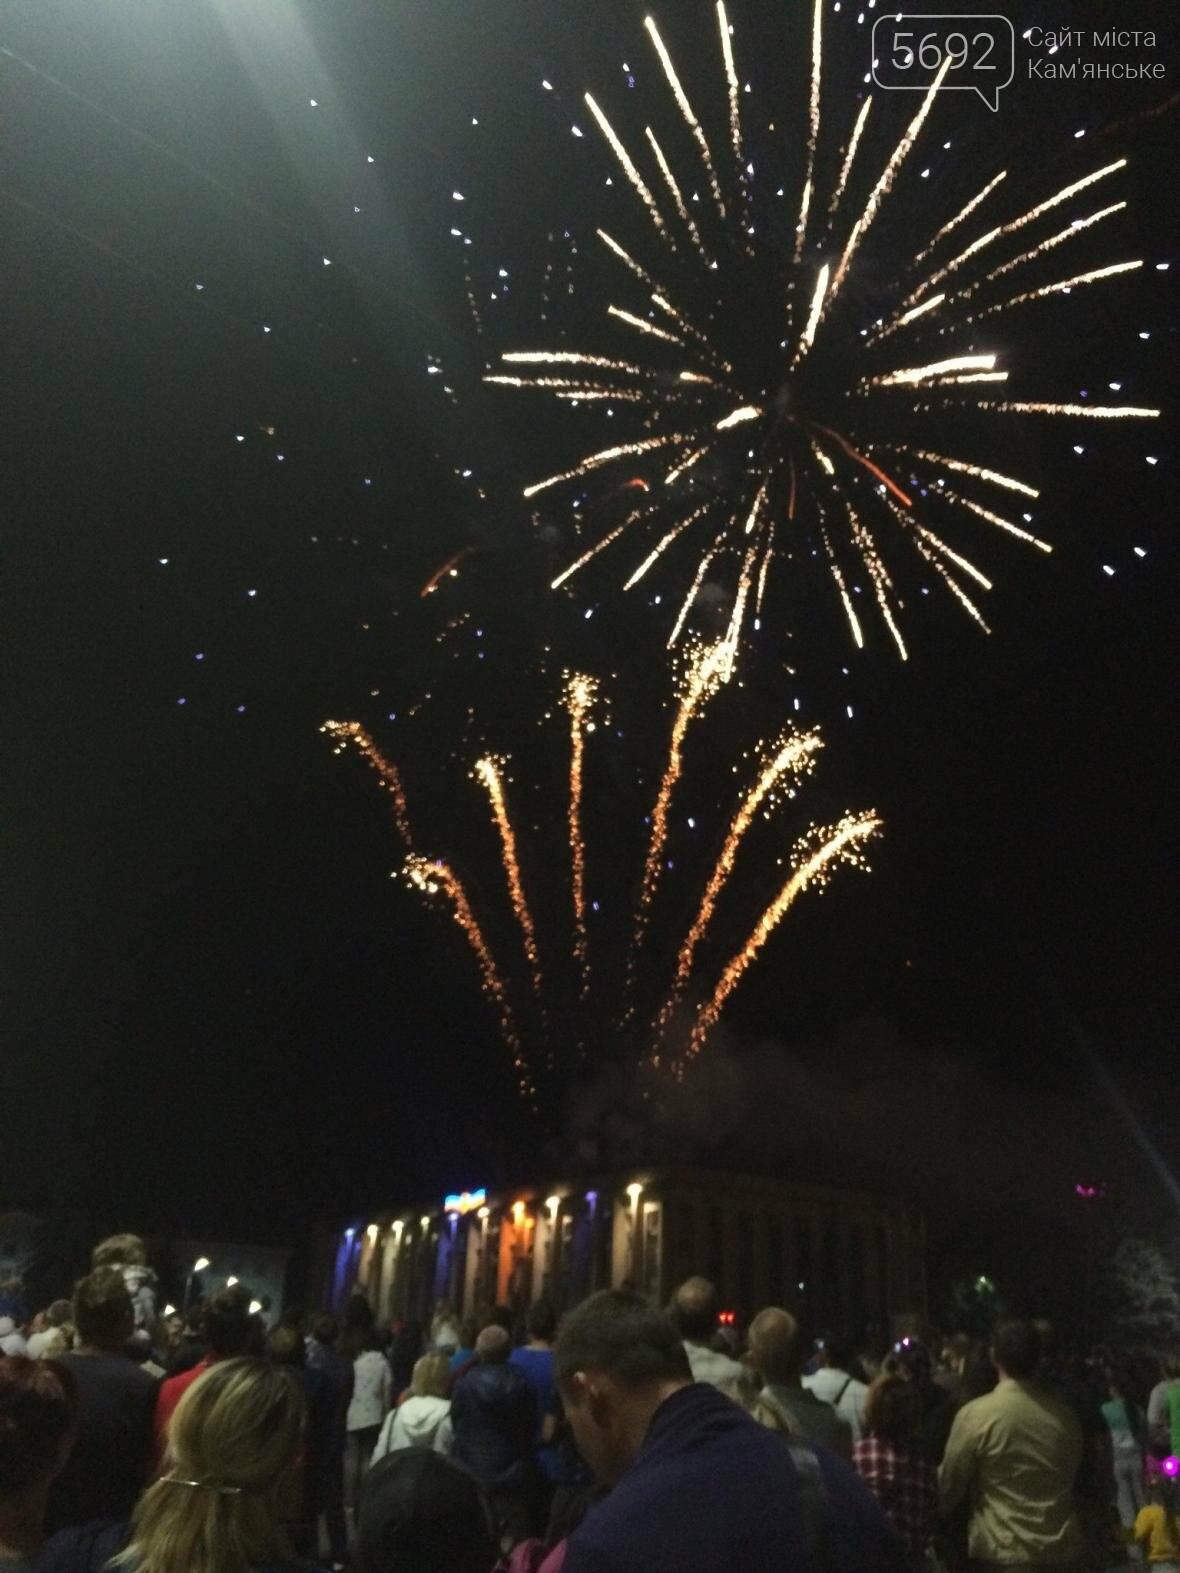 Концерт, праздничный фейерверк и огненное шоу – День города в Каменском, фото-5